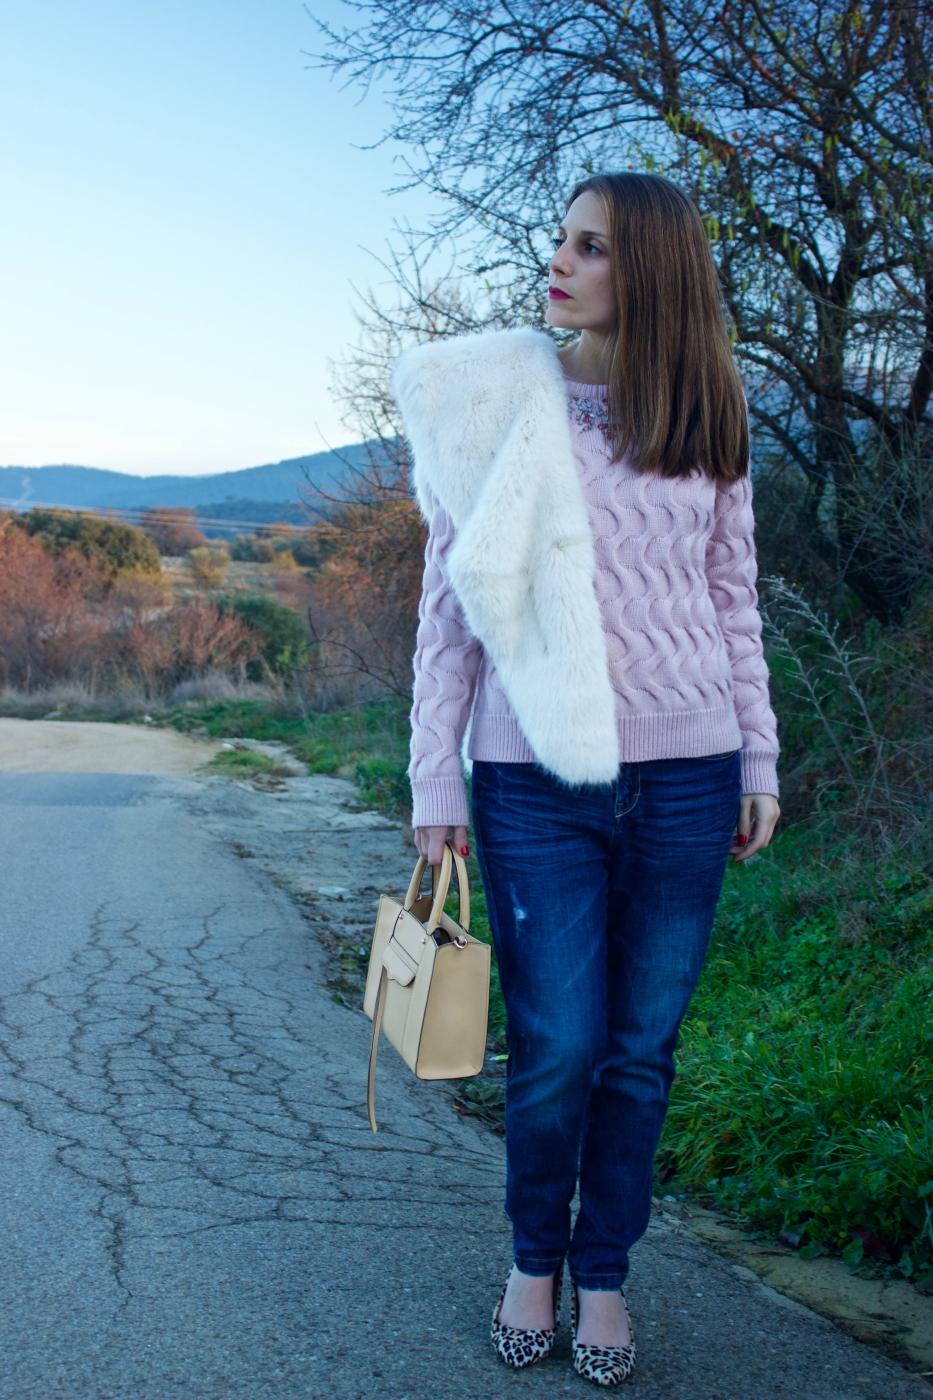 lara-vazquez-madlula-fashion-blog-blogger-glamour-moda-streetstyle-jeans-heels